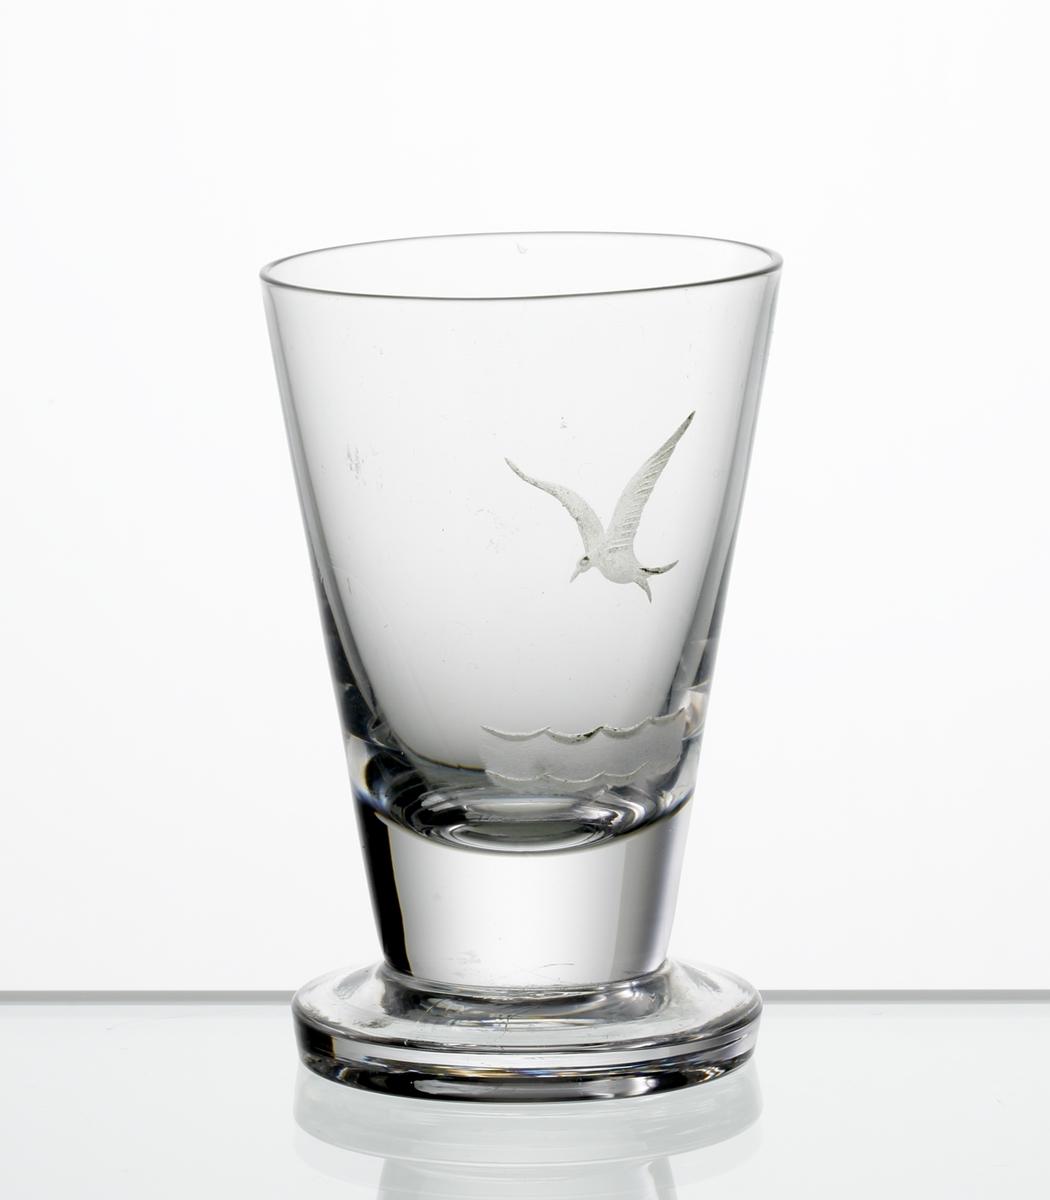 Design: Edward Hald. Brännvinsglas. Konisk kupa på fot. Graverad mås och vågor på kupan.